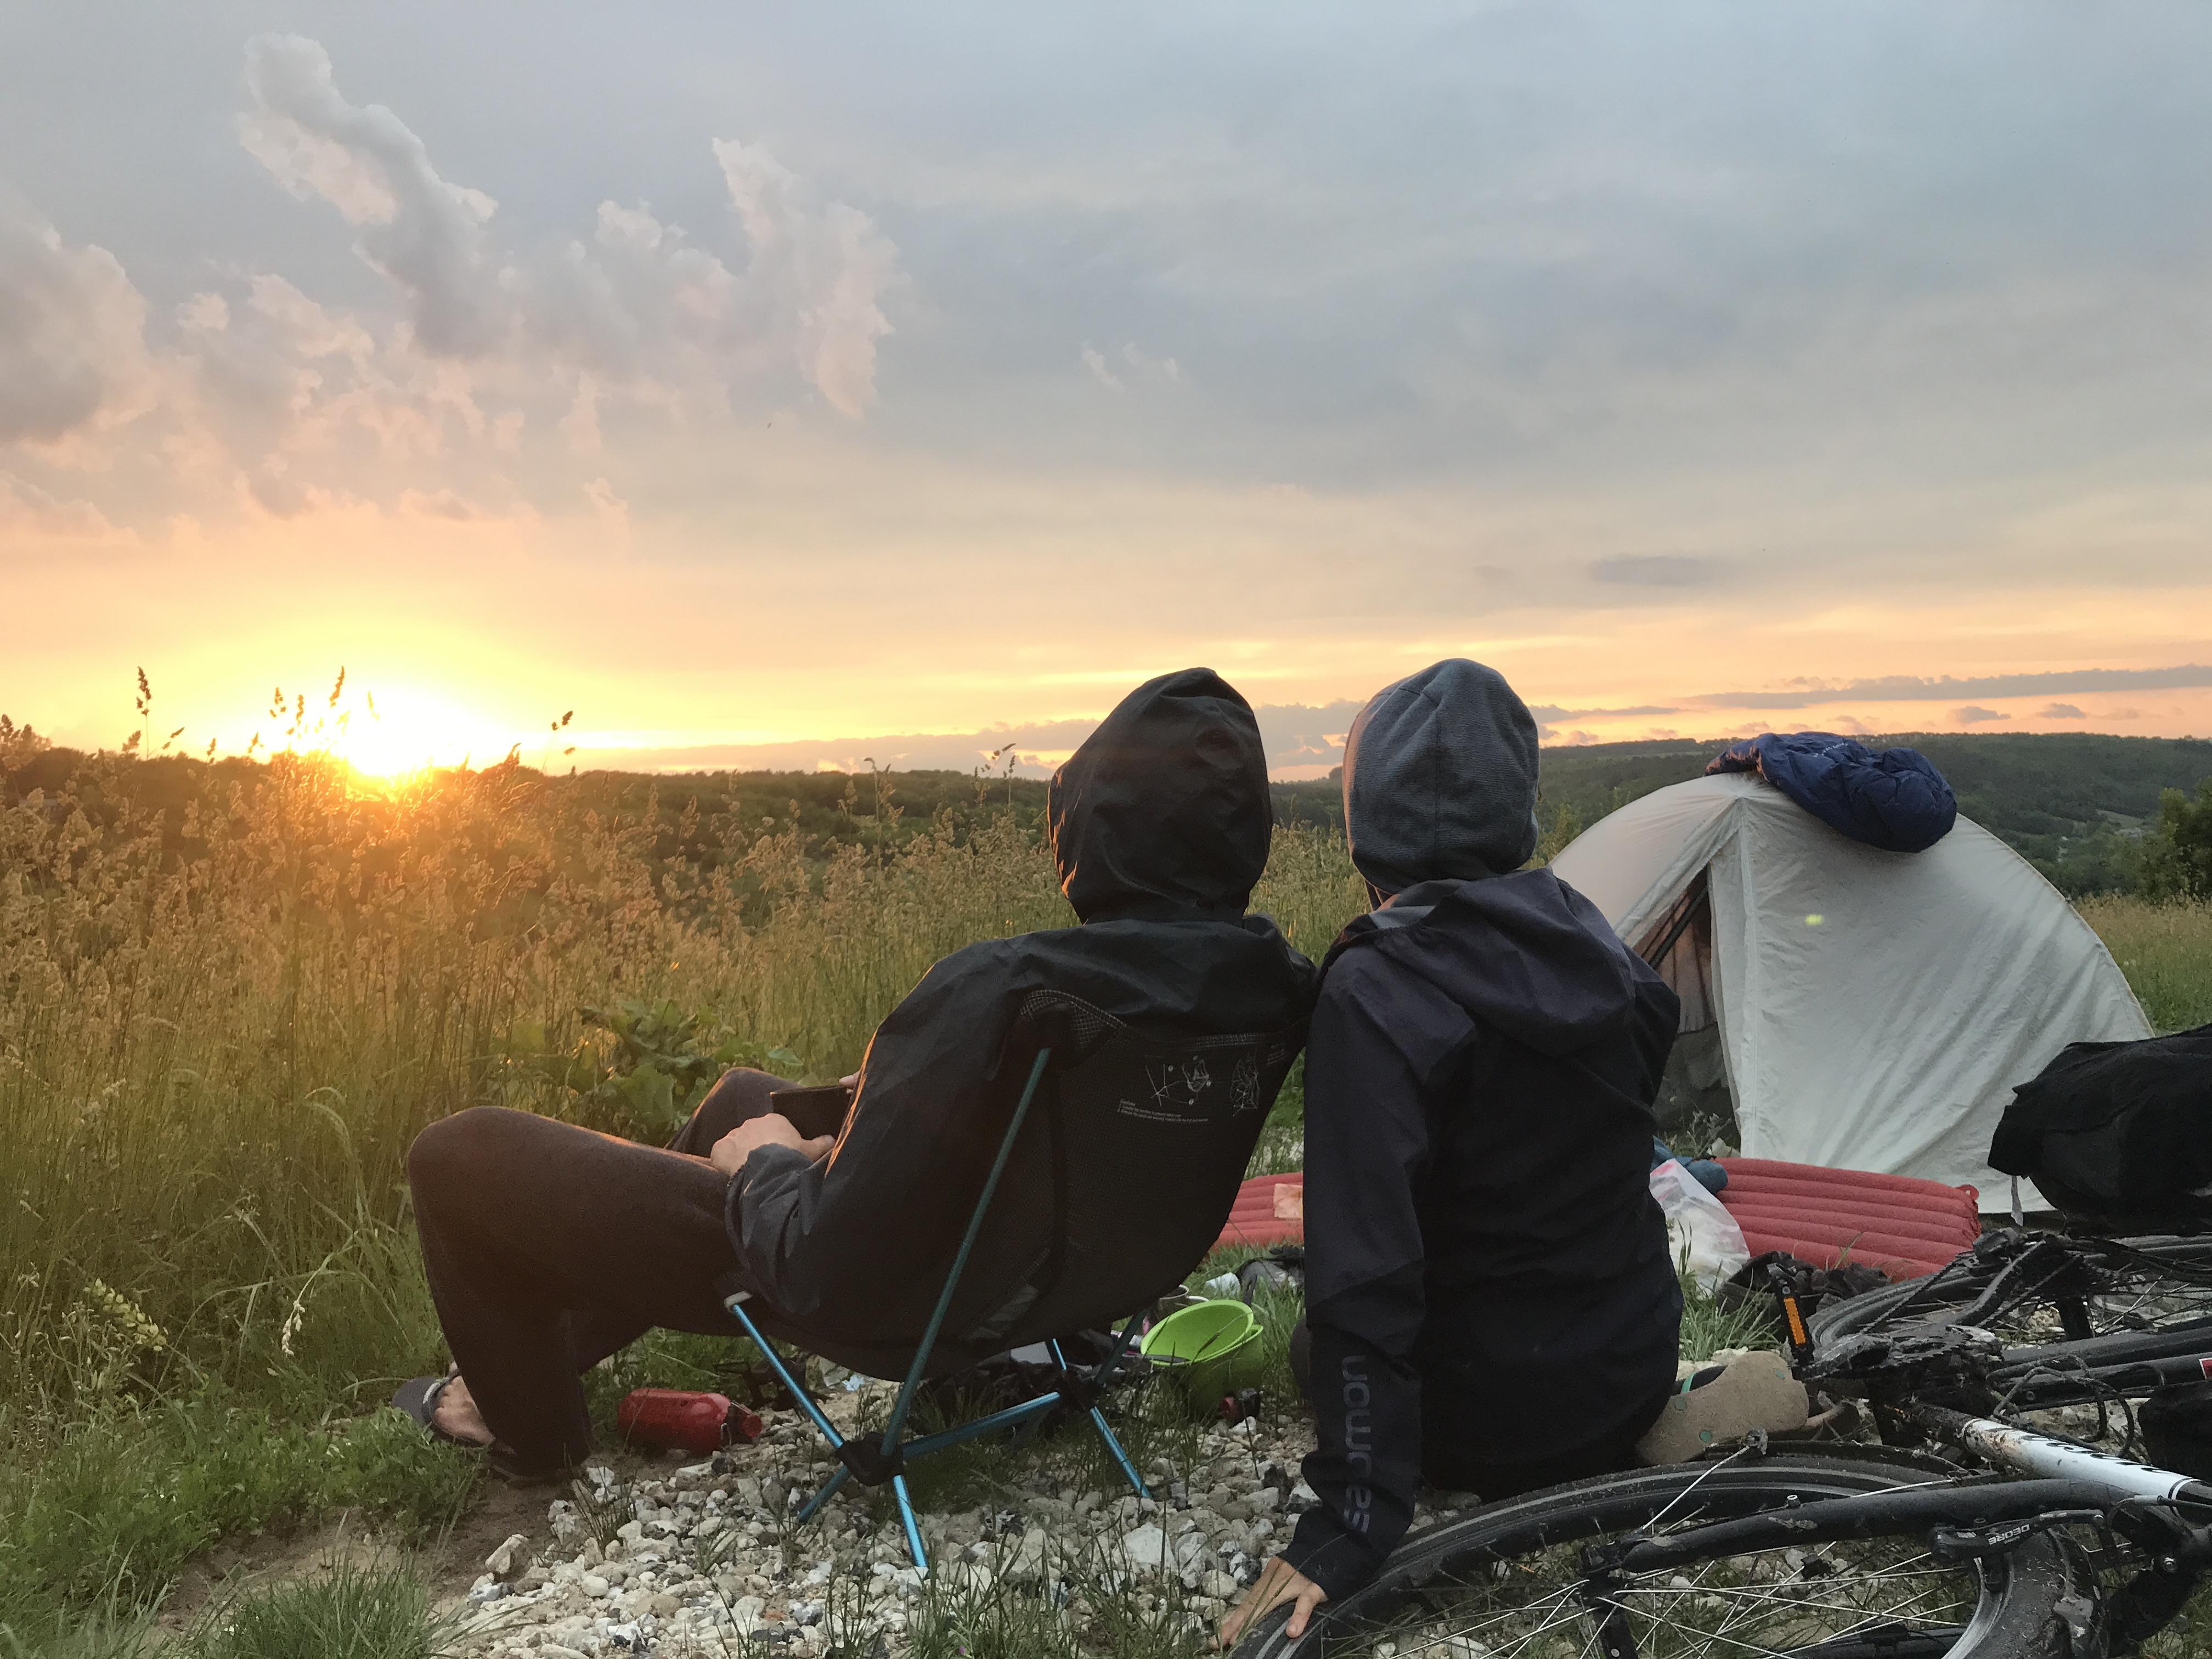 Sonnenuntergang beim Nachtlager